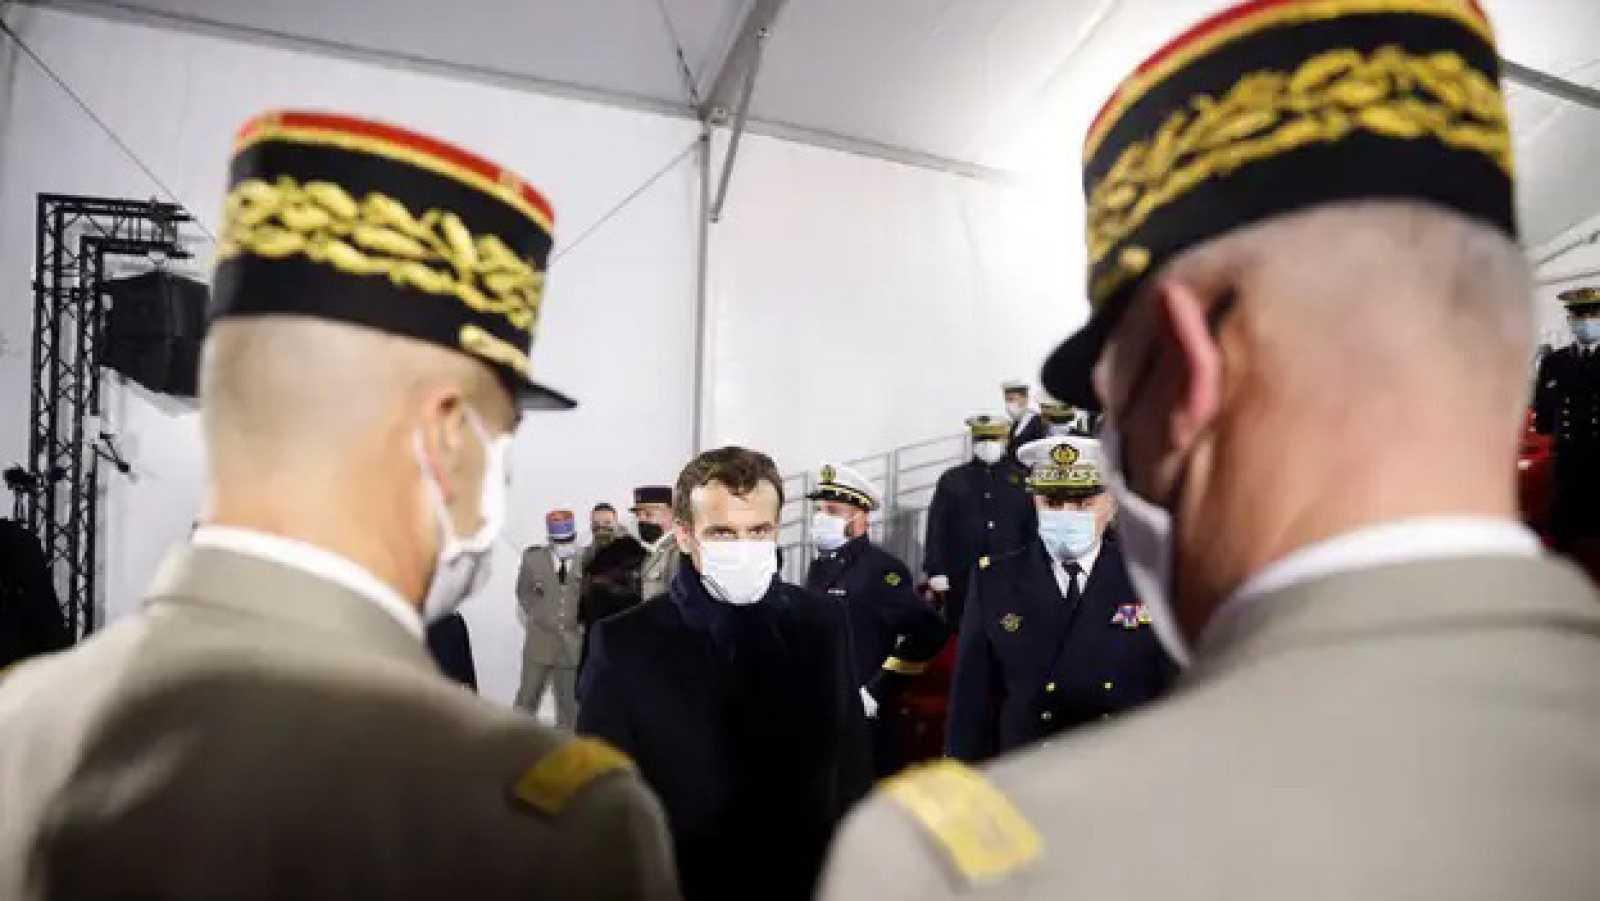 Europa abierta - Los militares irrumpen en la política francesa - escuchar ahora